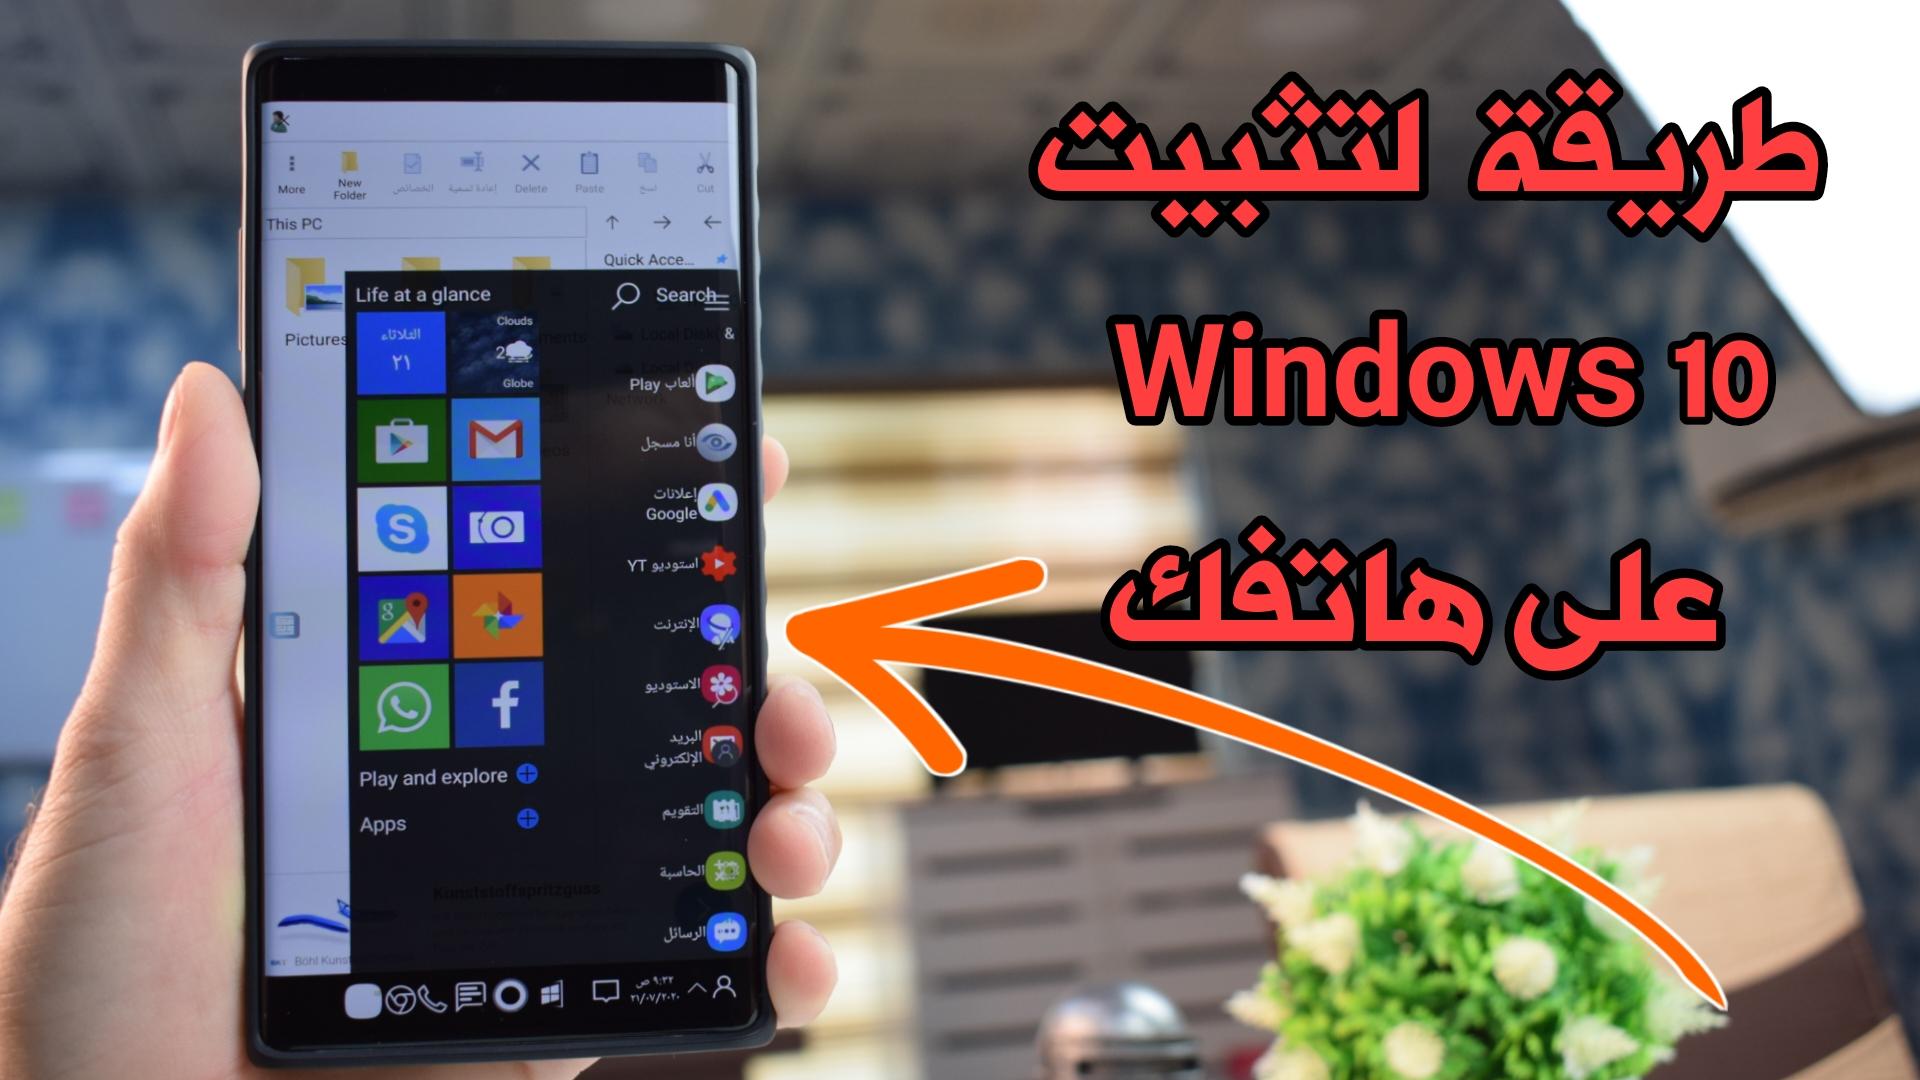 الطريقة الحقيقية لتثبيت نظام Windows 10 على هاتفك في 4 ثواني فقط !